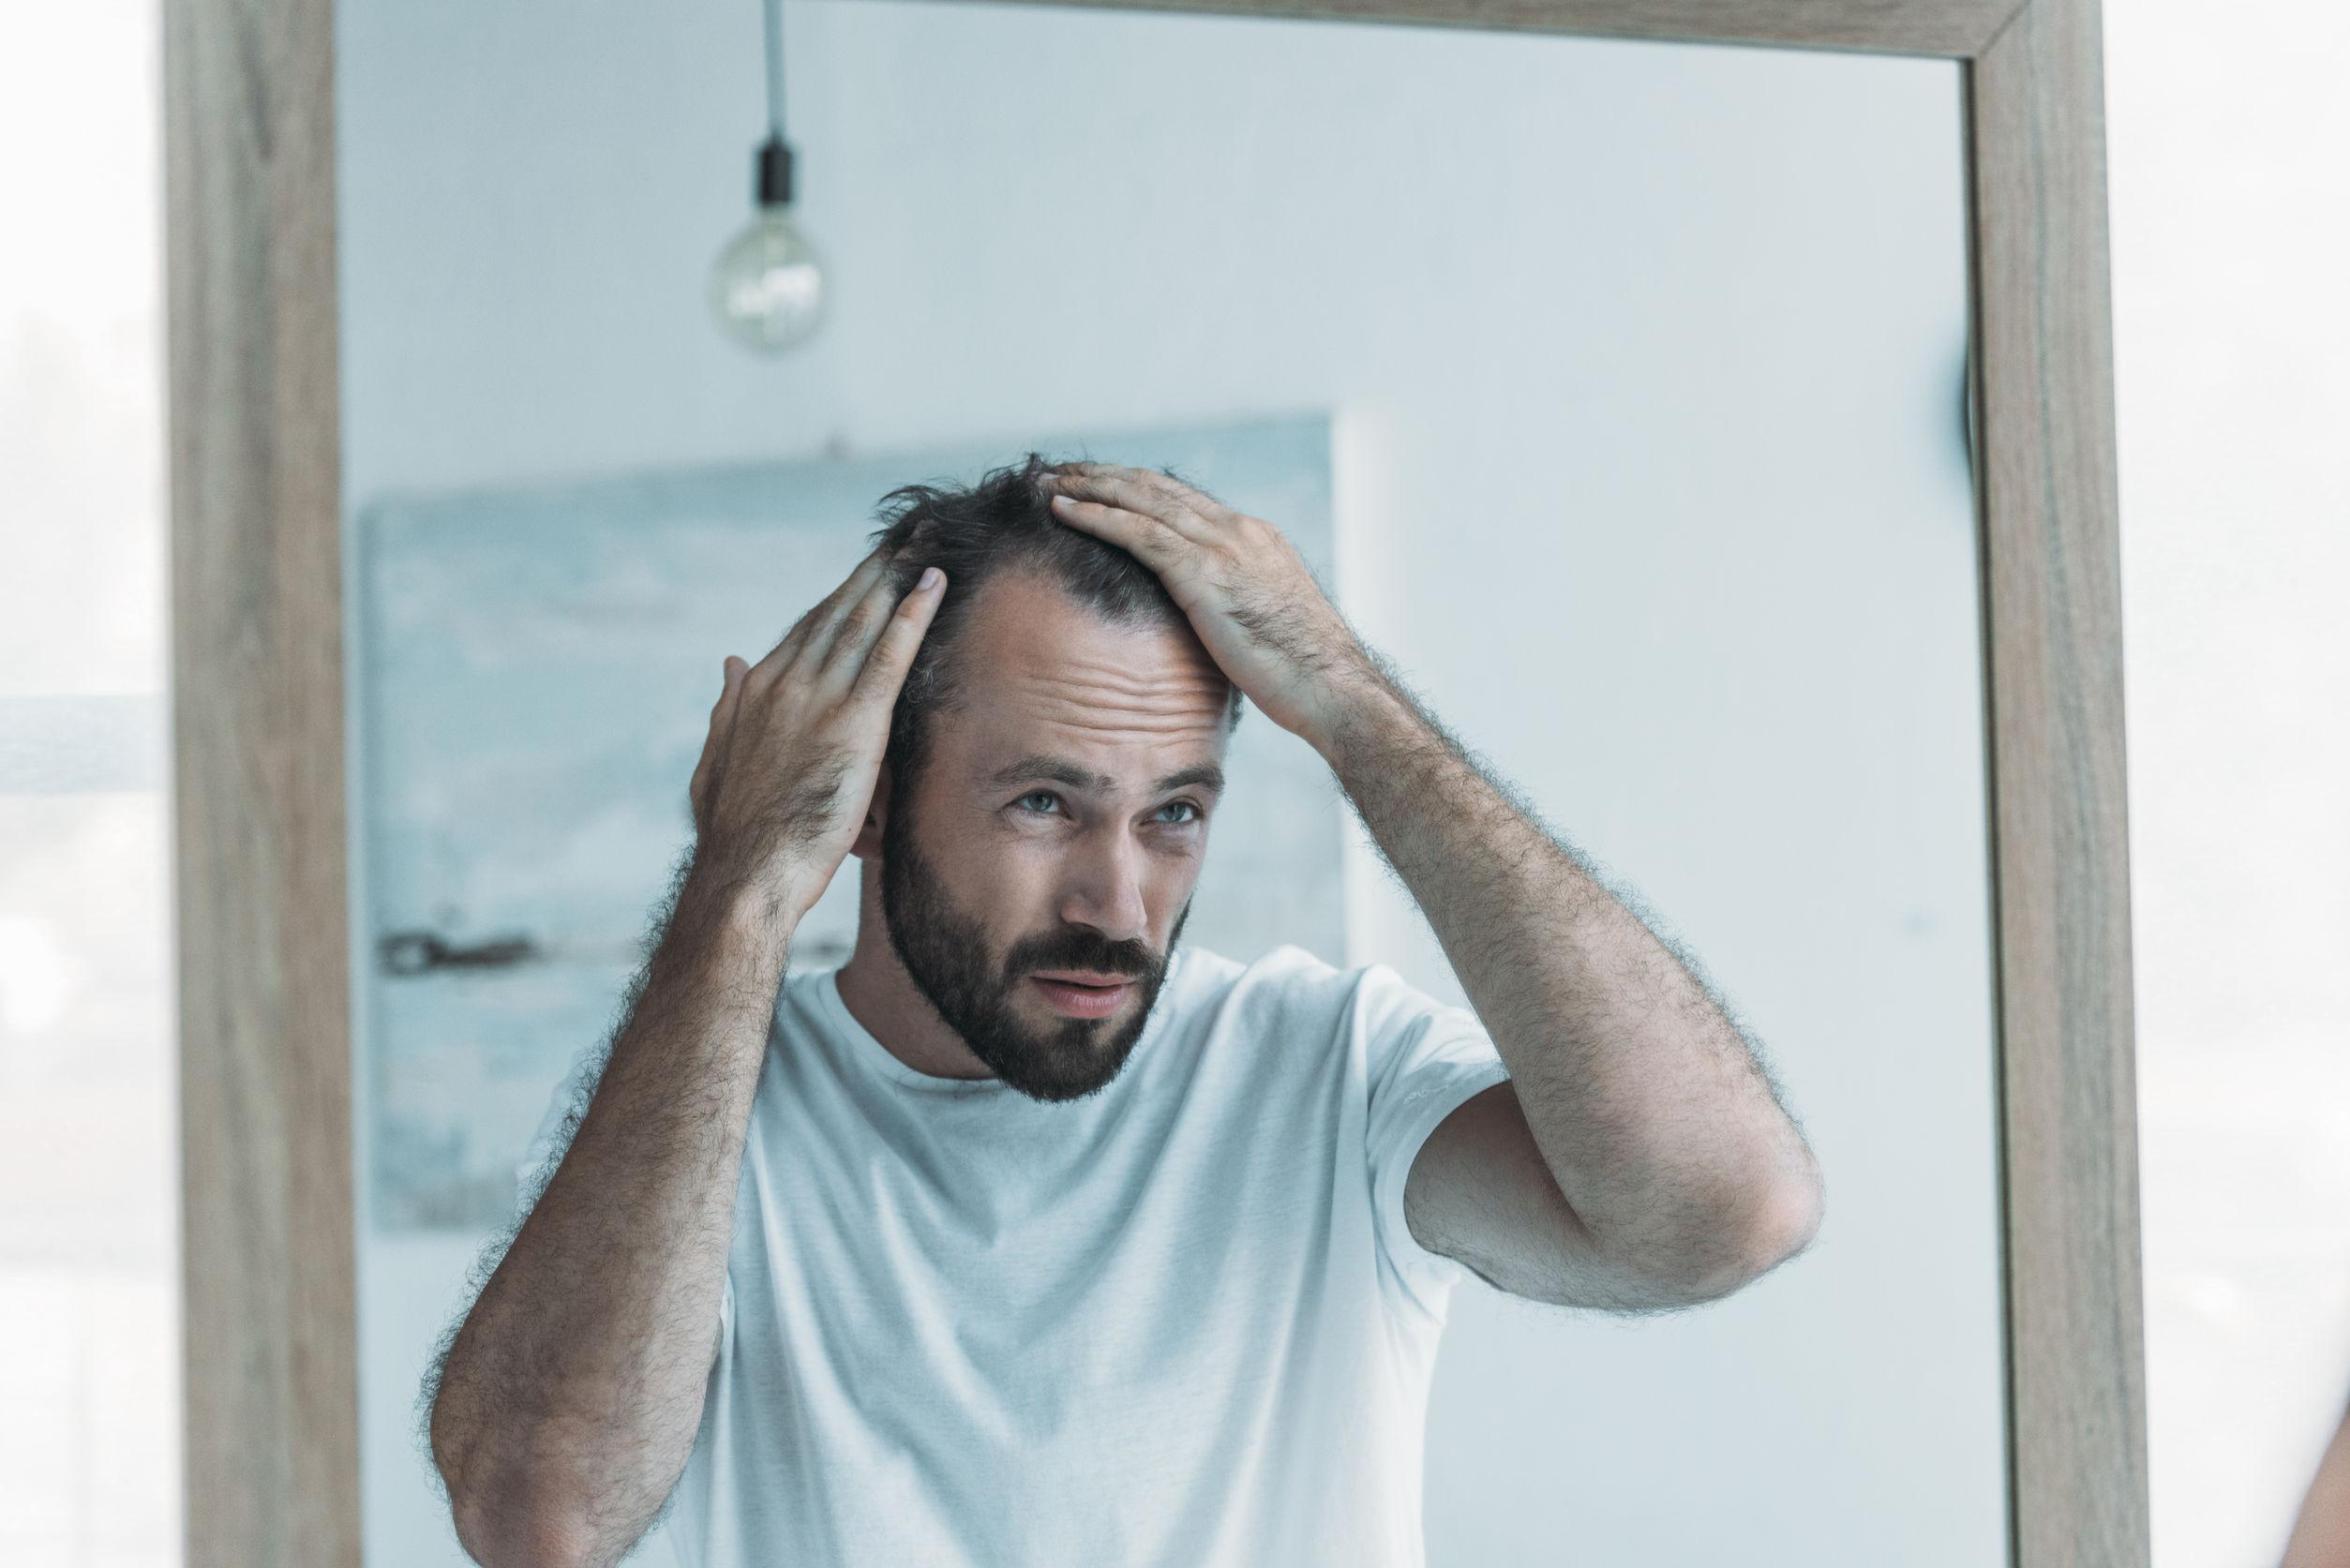 Mittel gegen Haarausfall